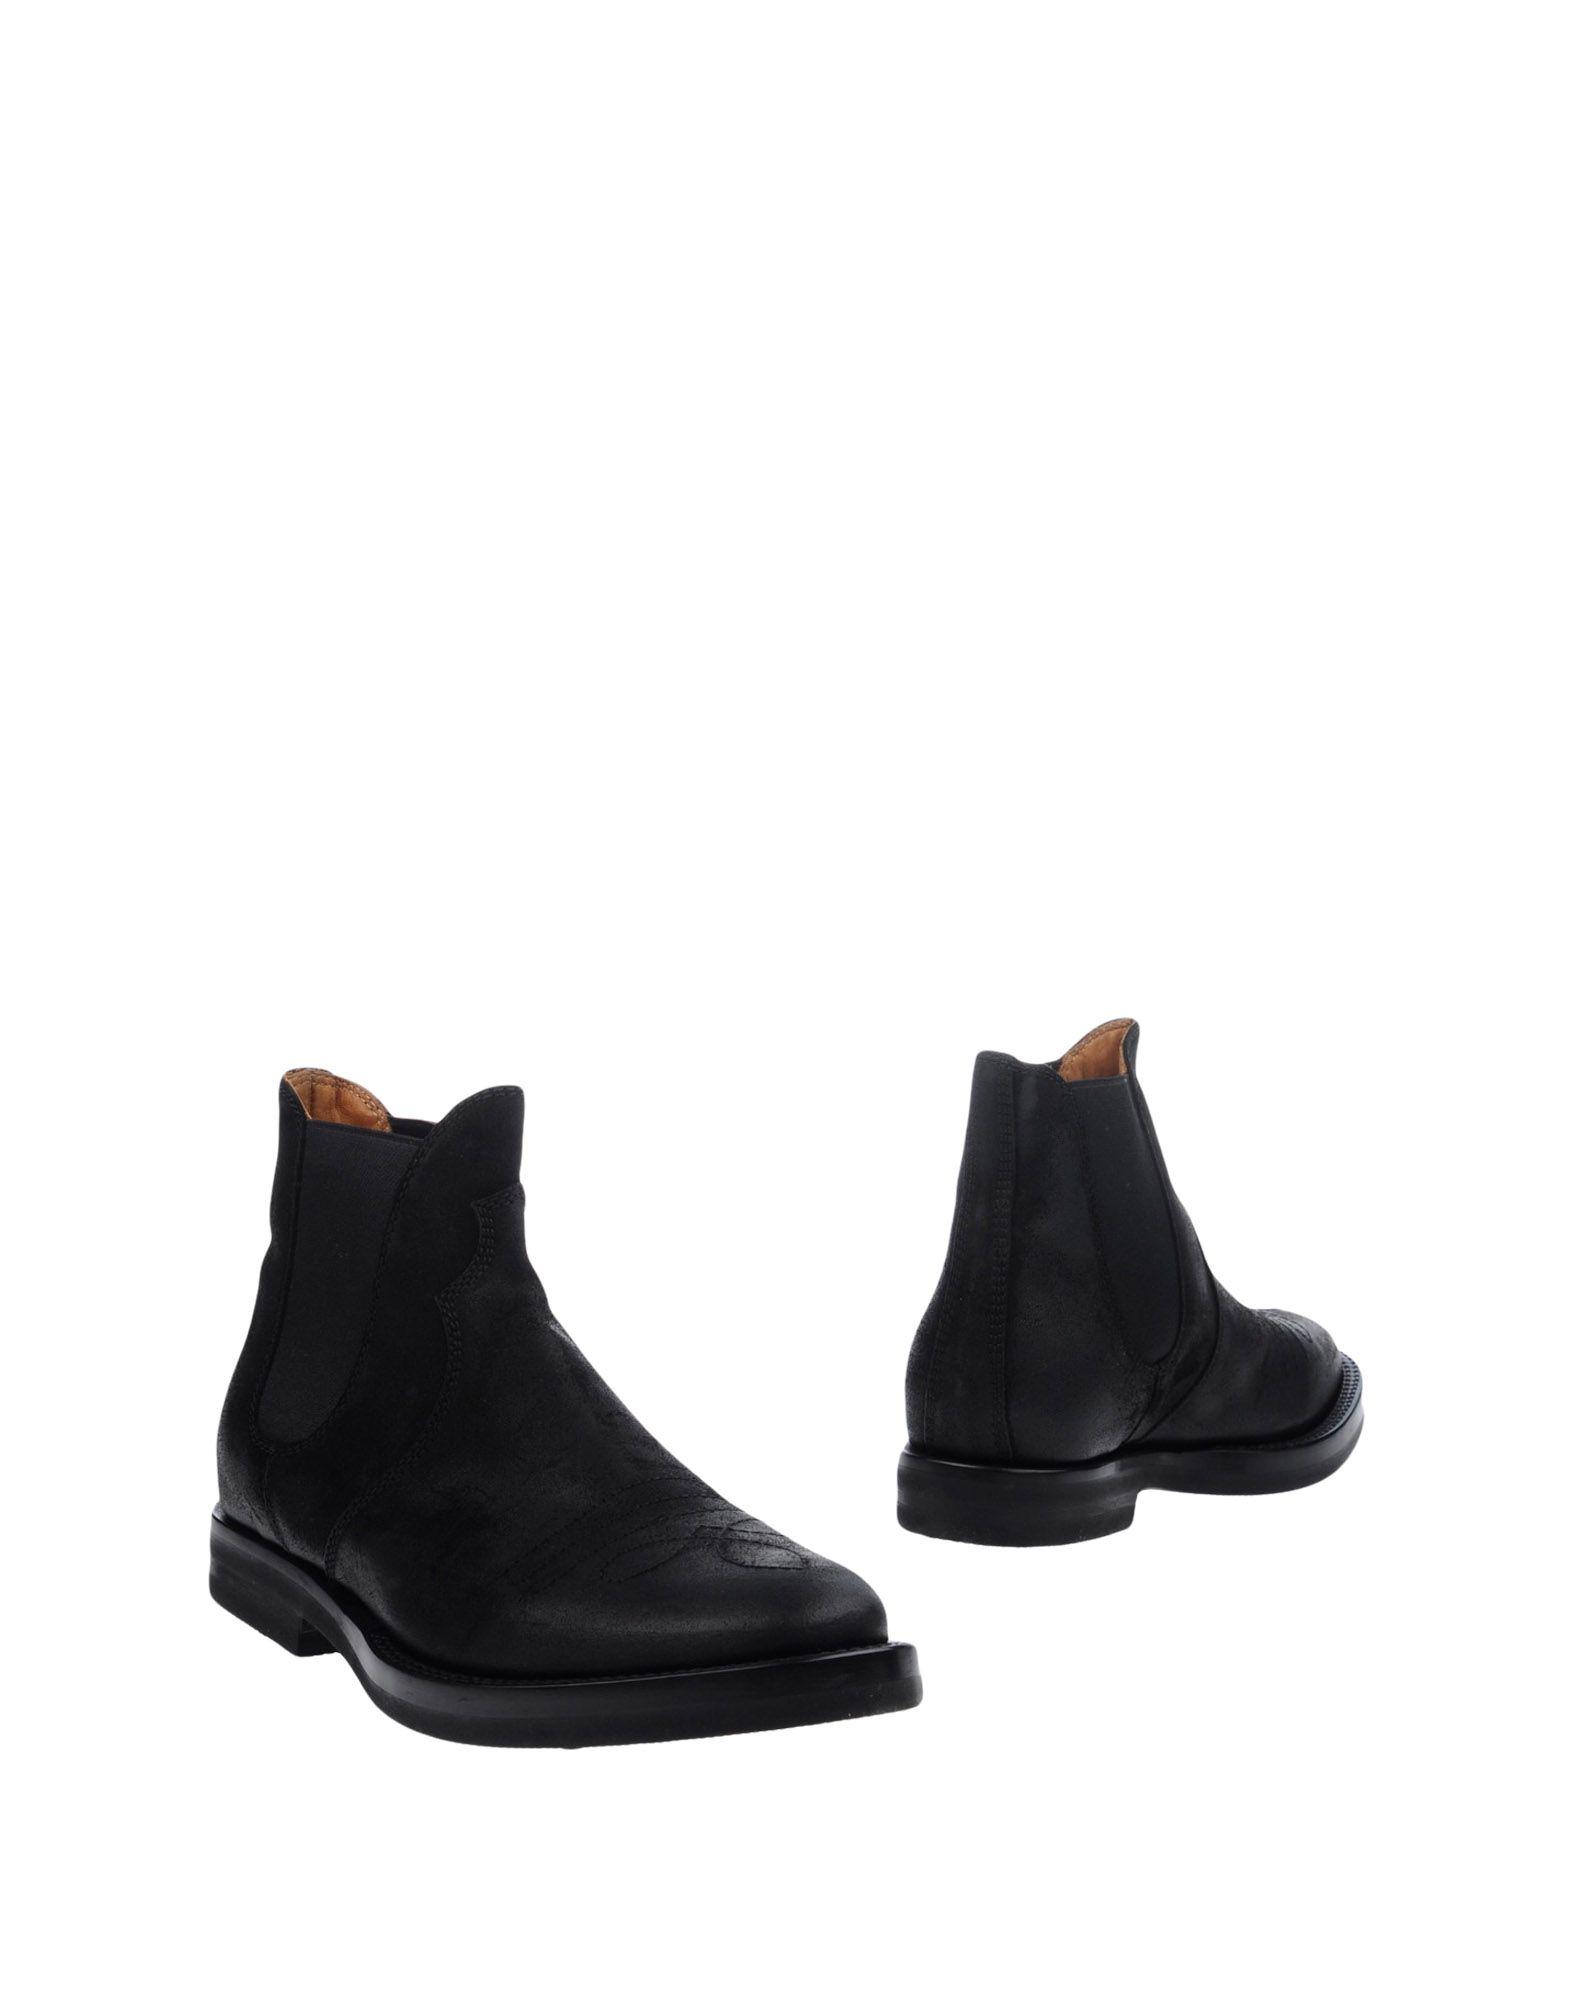 Buttero® Stiefelette Herren  11274635DC Gute Qualität beliebte Schuhe